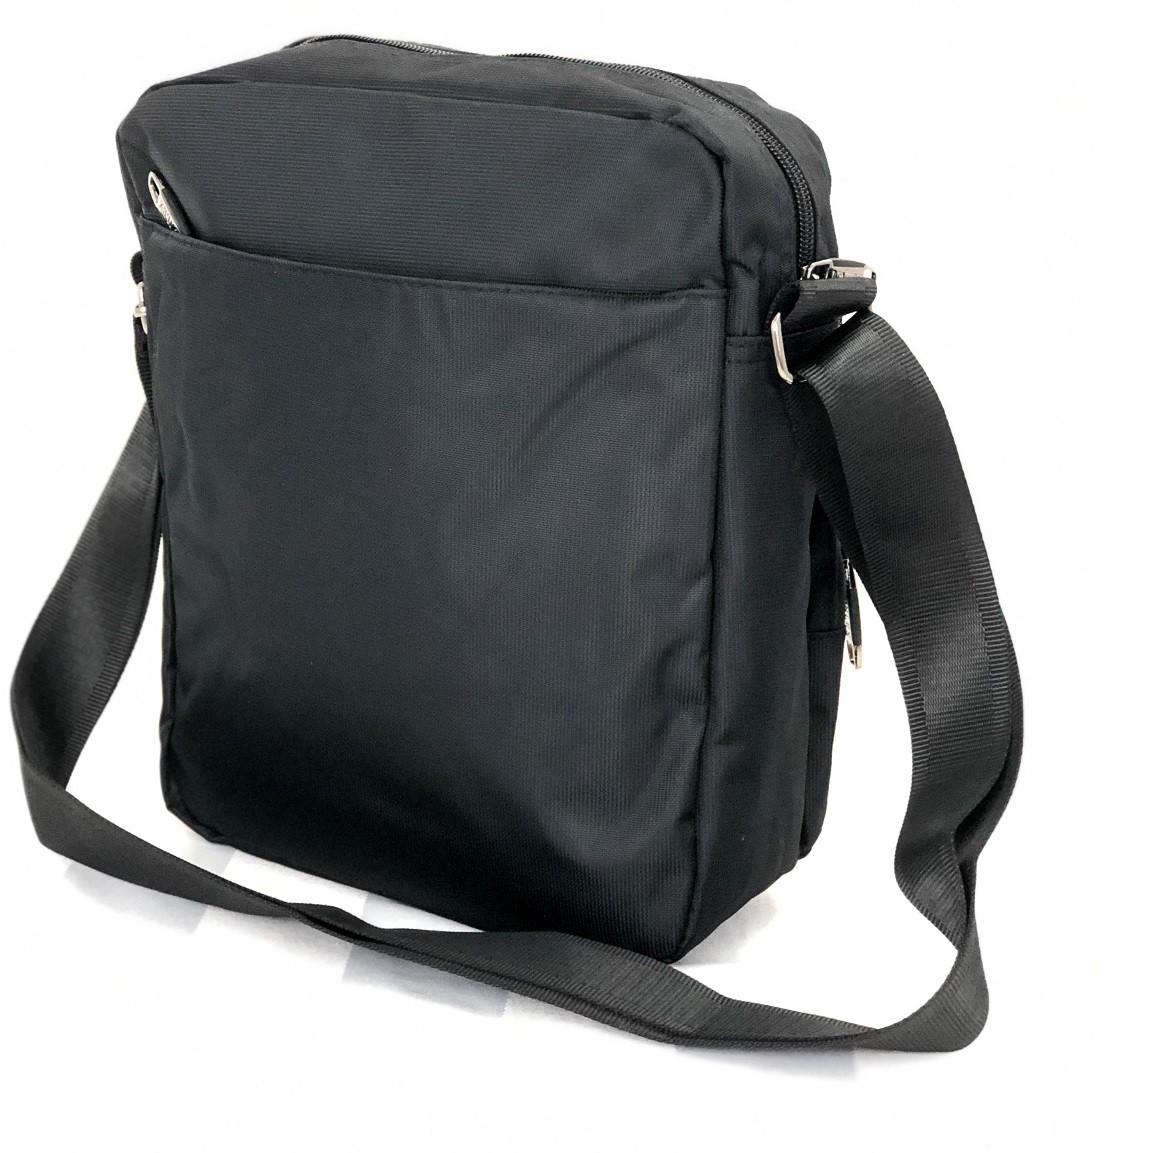 Bolsa Executiva Carteiro Tiracolo compartimento para Tablet denlex Preta